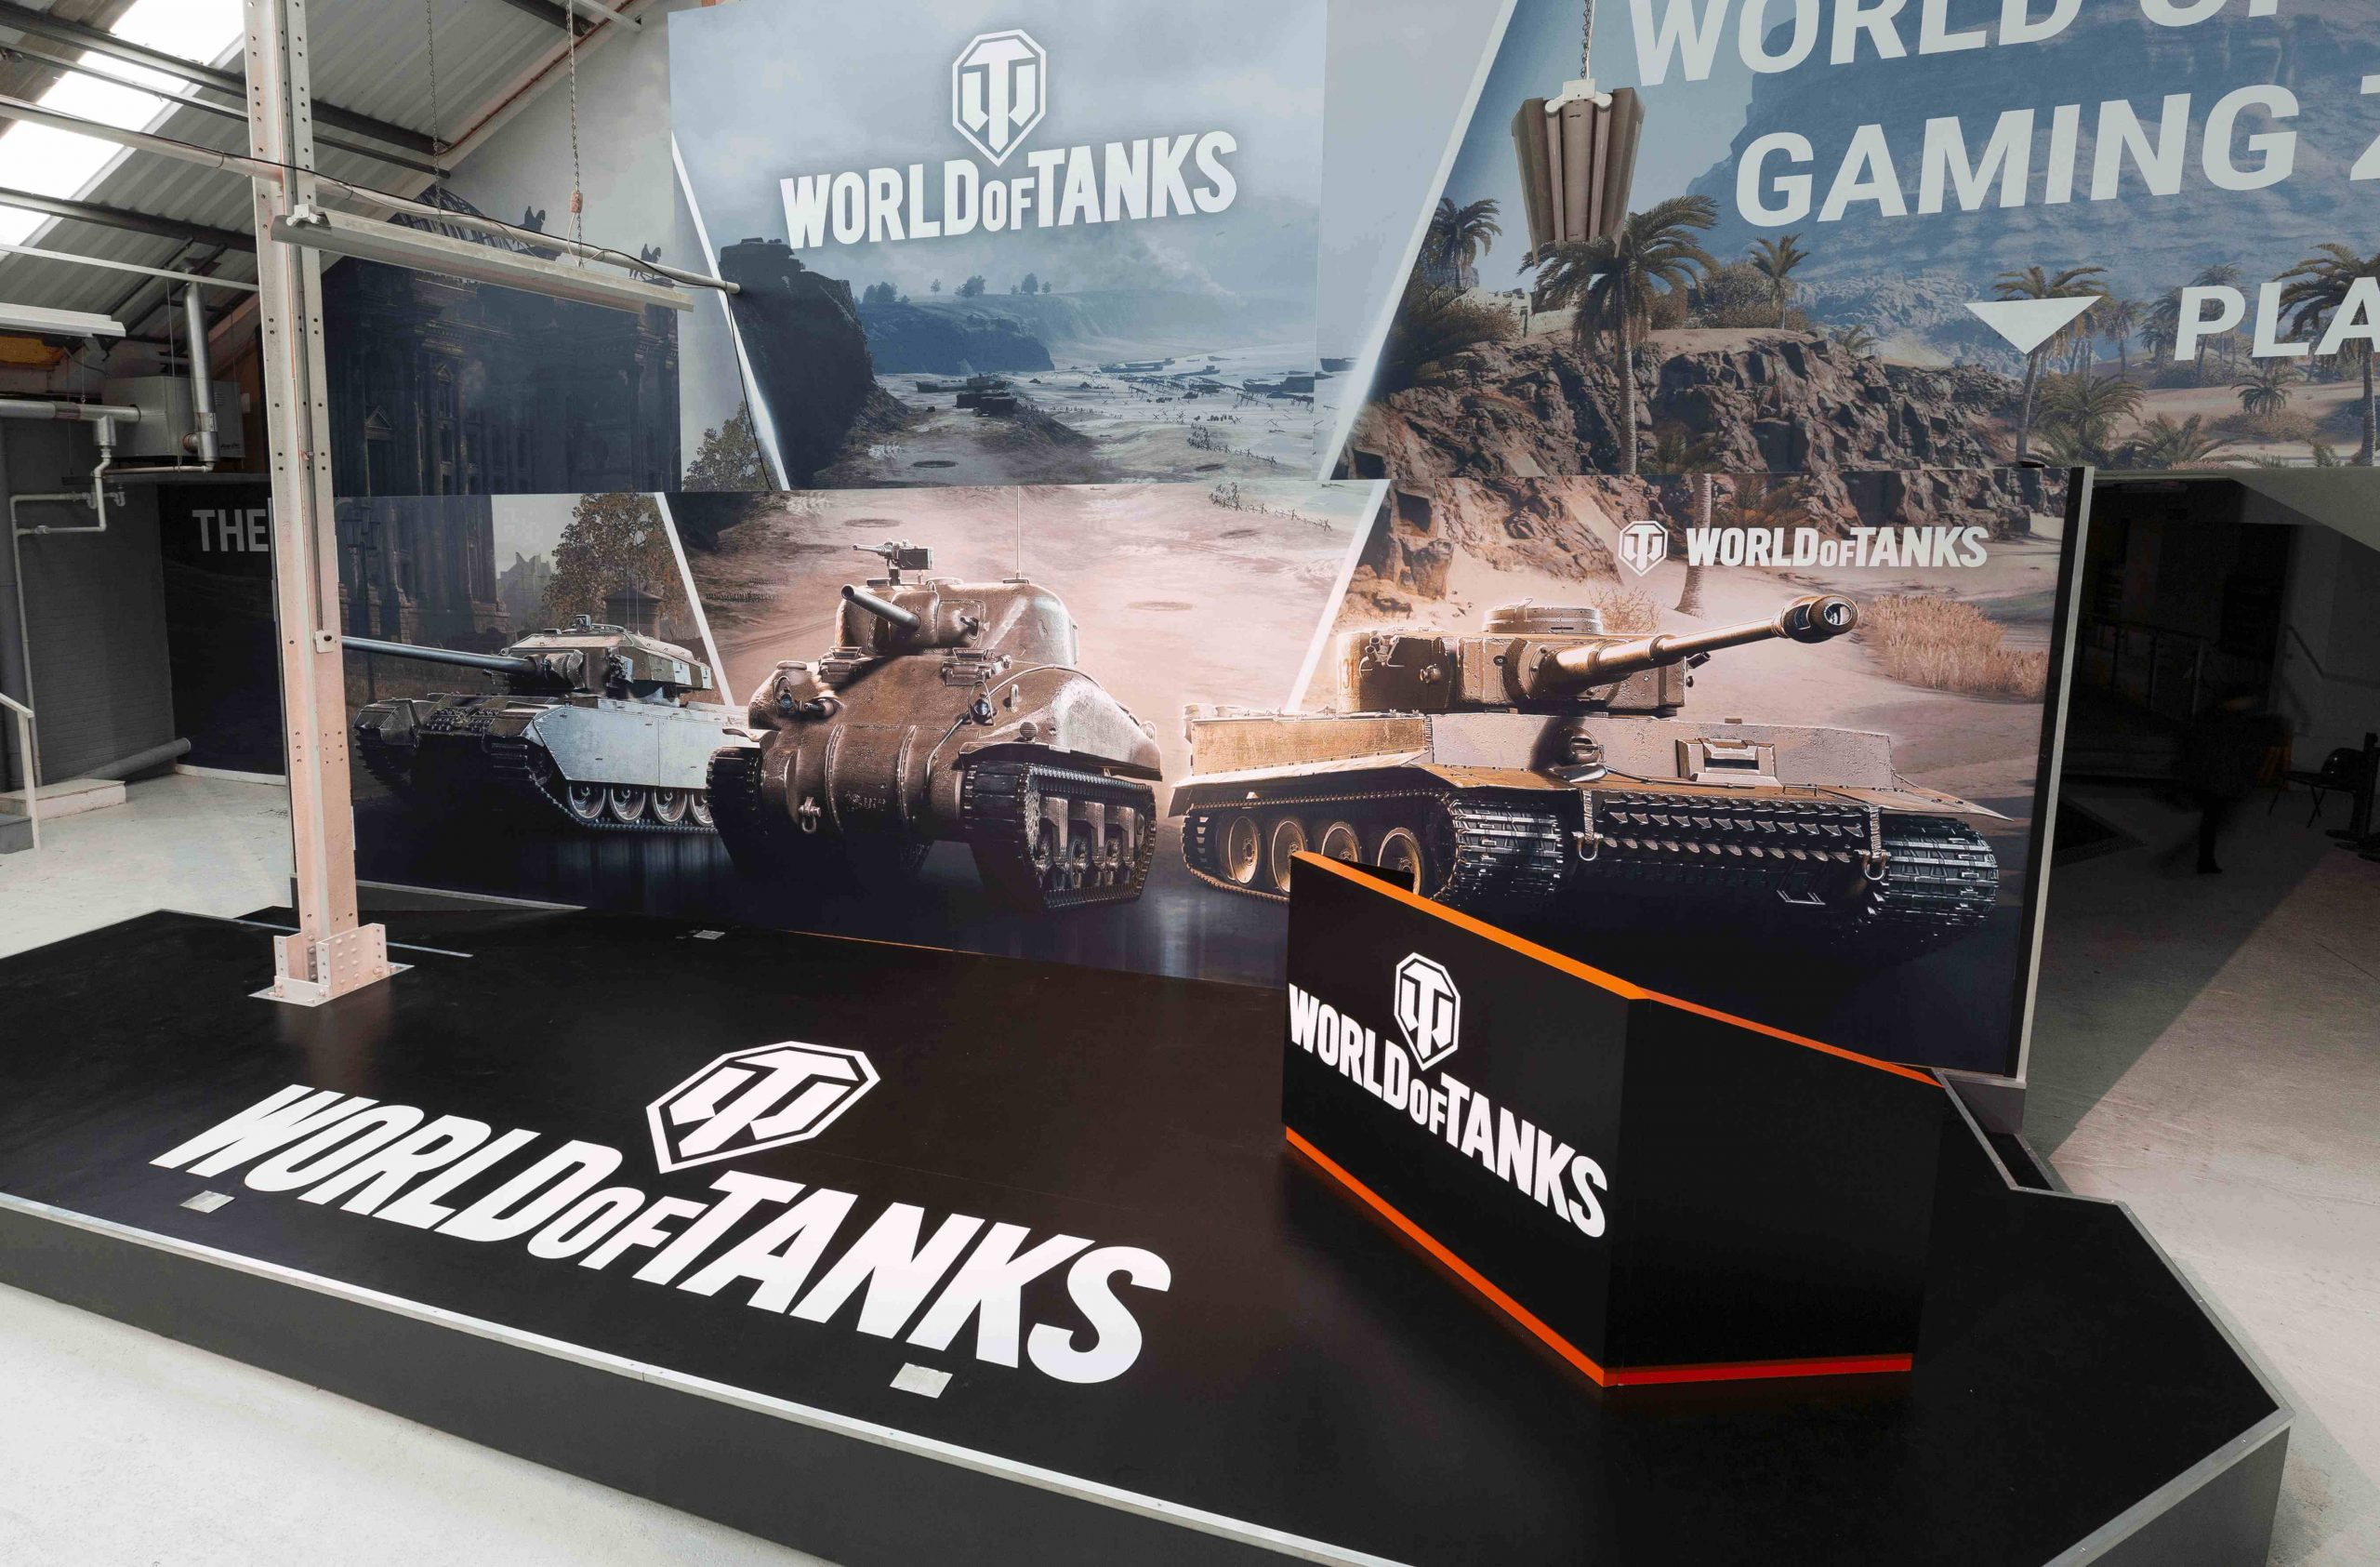 world_of_tanks_gaming_zone_the_tank_museum_screenshot_1